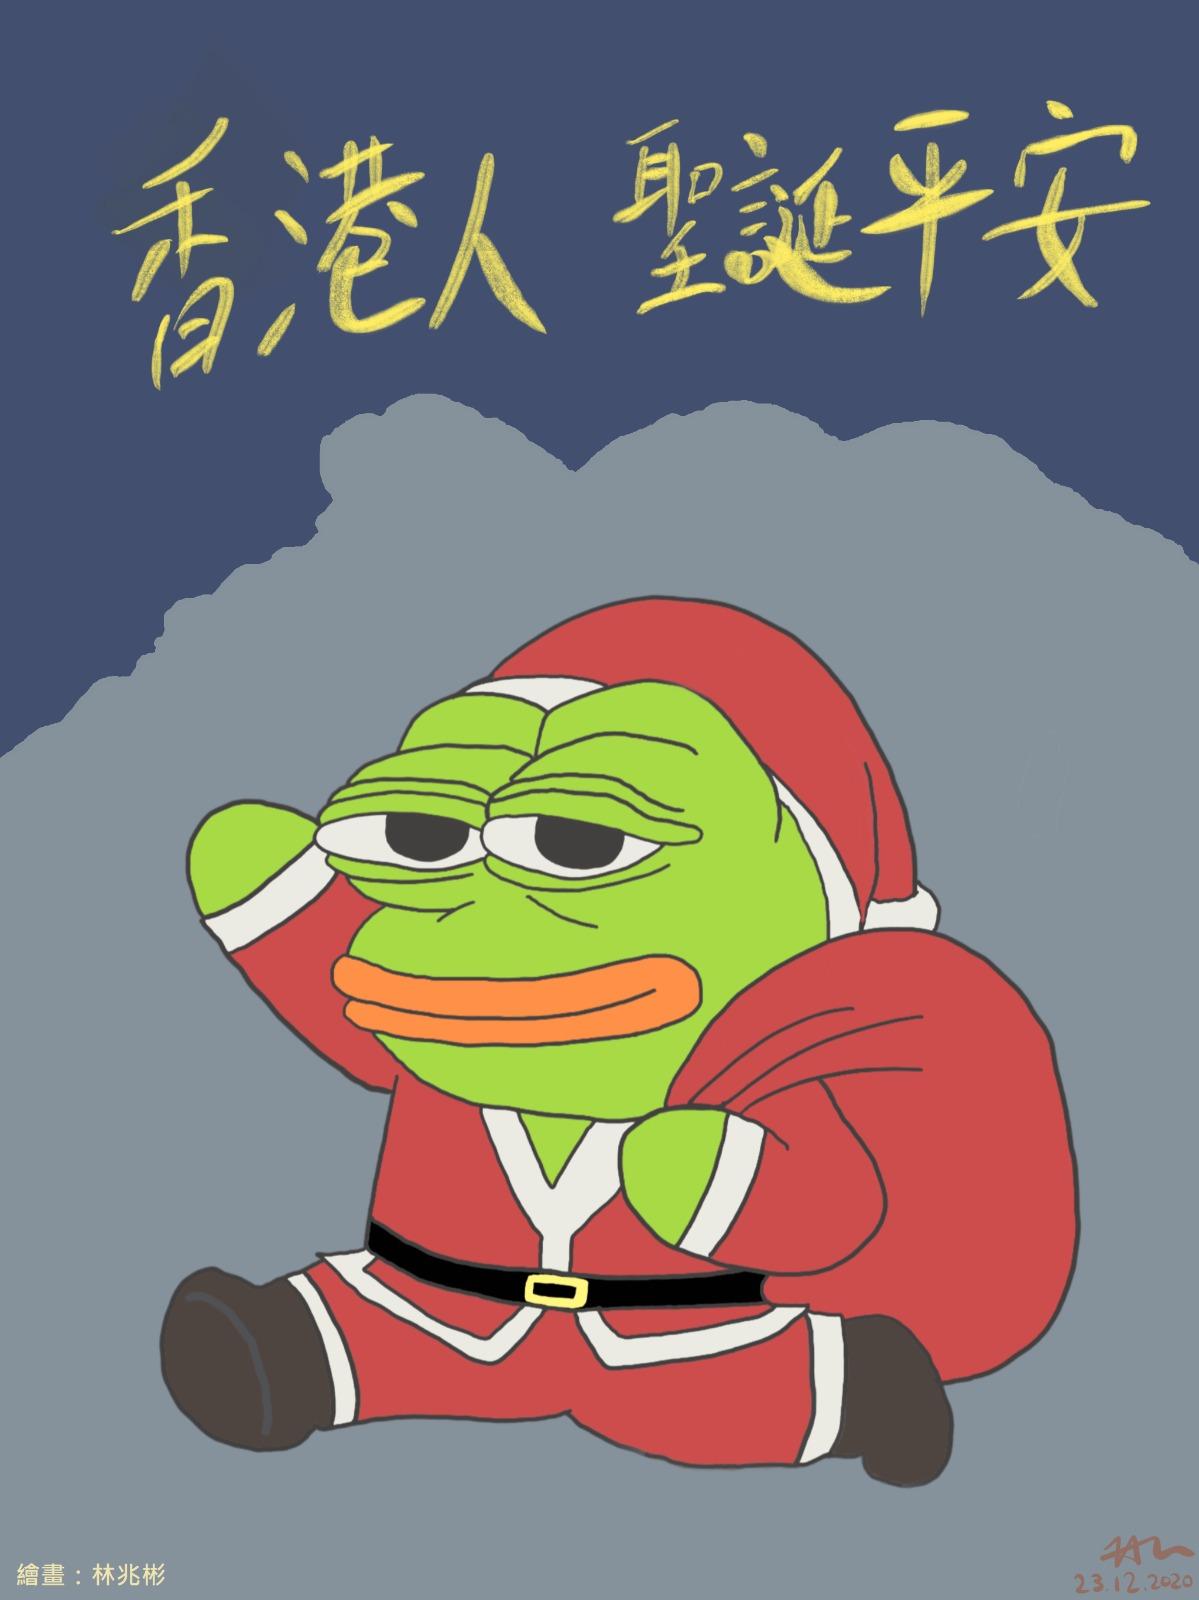 油尖旺區議員林兆彬一向熱衷於文化創作,圖為他向記者轉發今年製作的網絡聖誕卡,以佩佩蛙(Pepe)充當聖誕老人,祝香港人聖誕平安。(林兆彬Facebook)